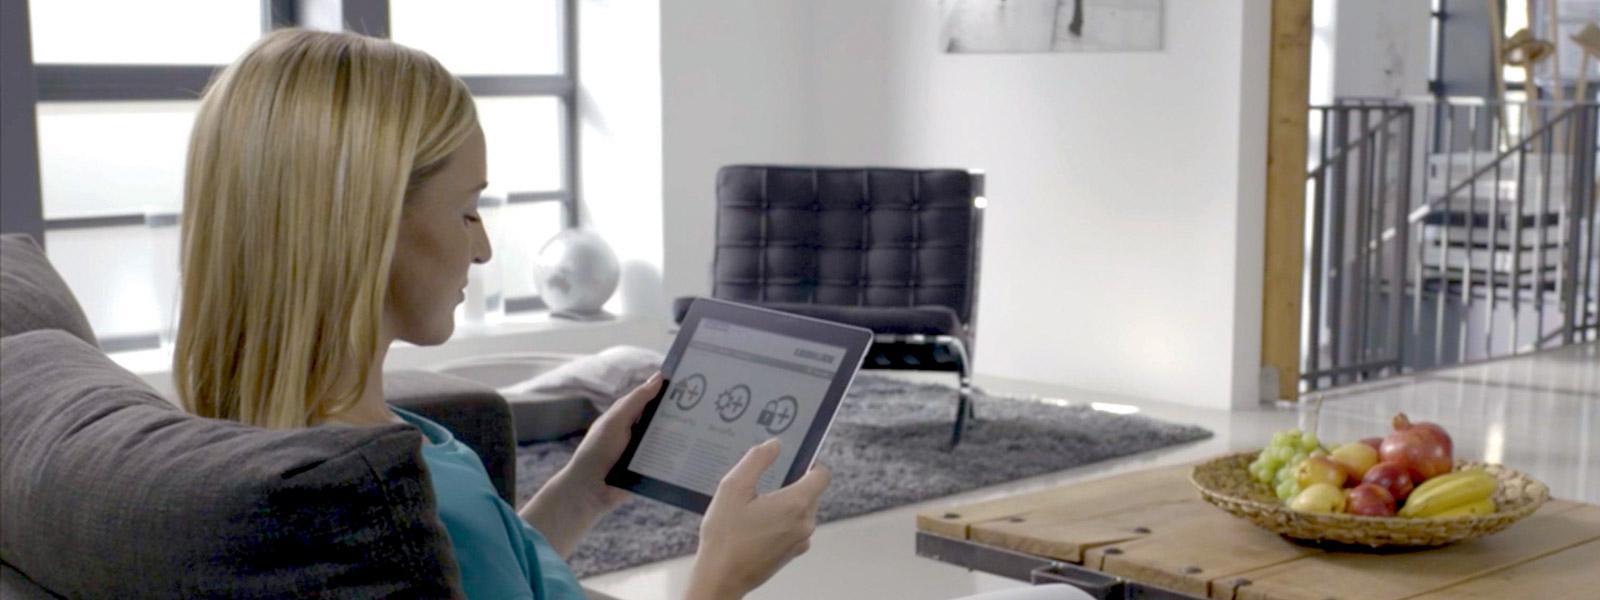 Mujer que usa una tableta para consultar gráficos